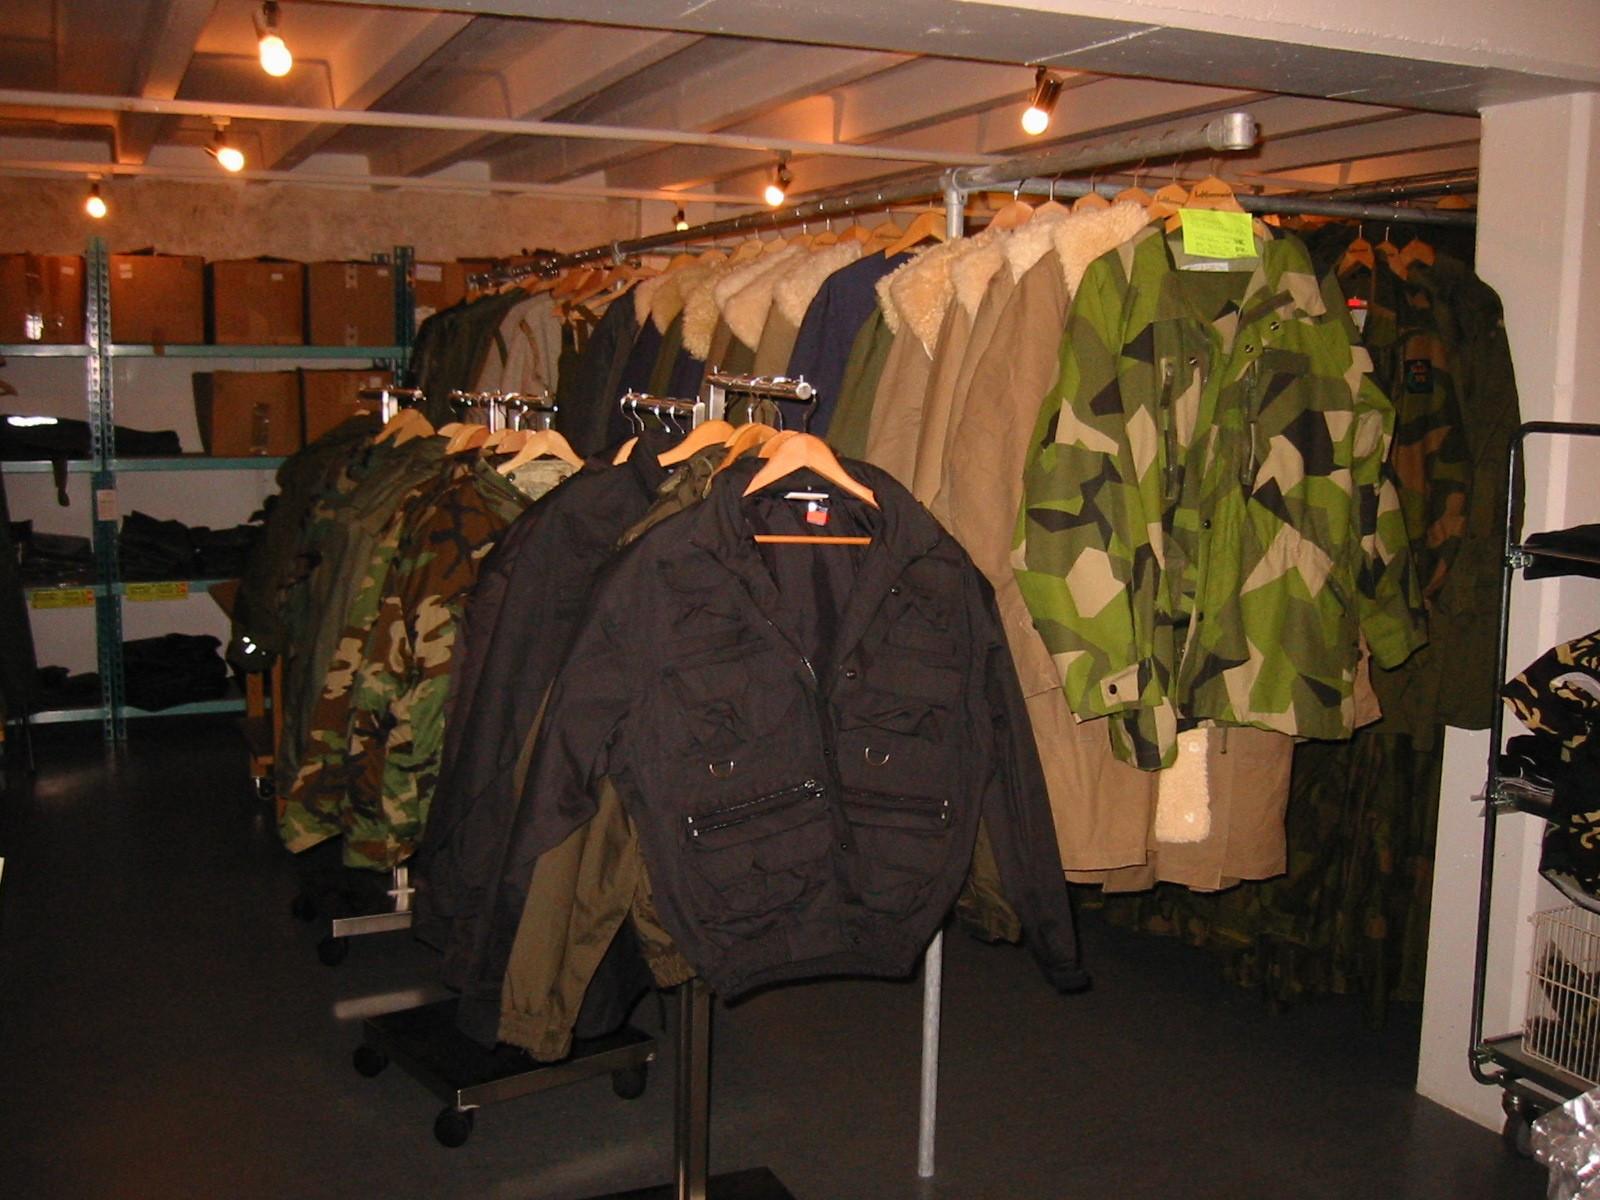 4fad04a8 Stort salgsutvalg av militært materiell og utstyr fra Depotsjefen ...